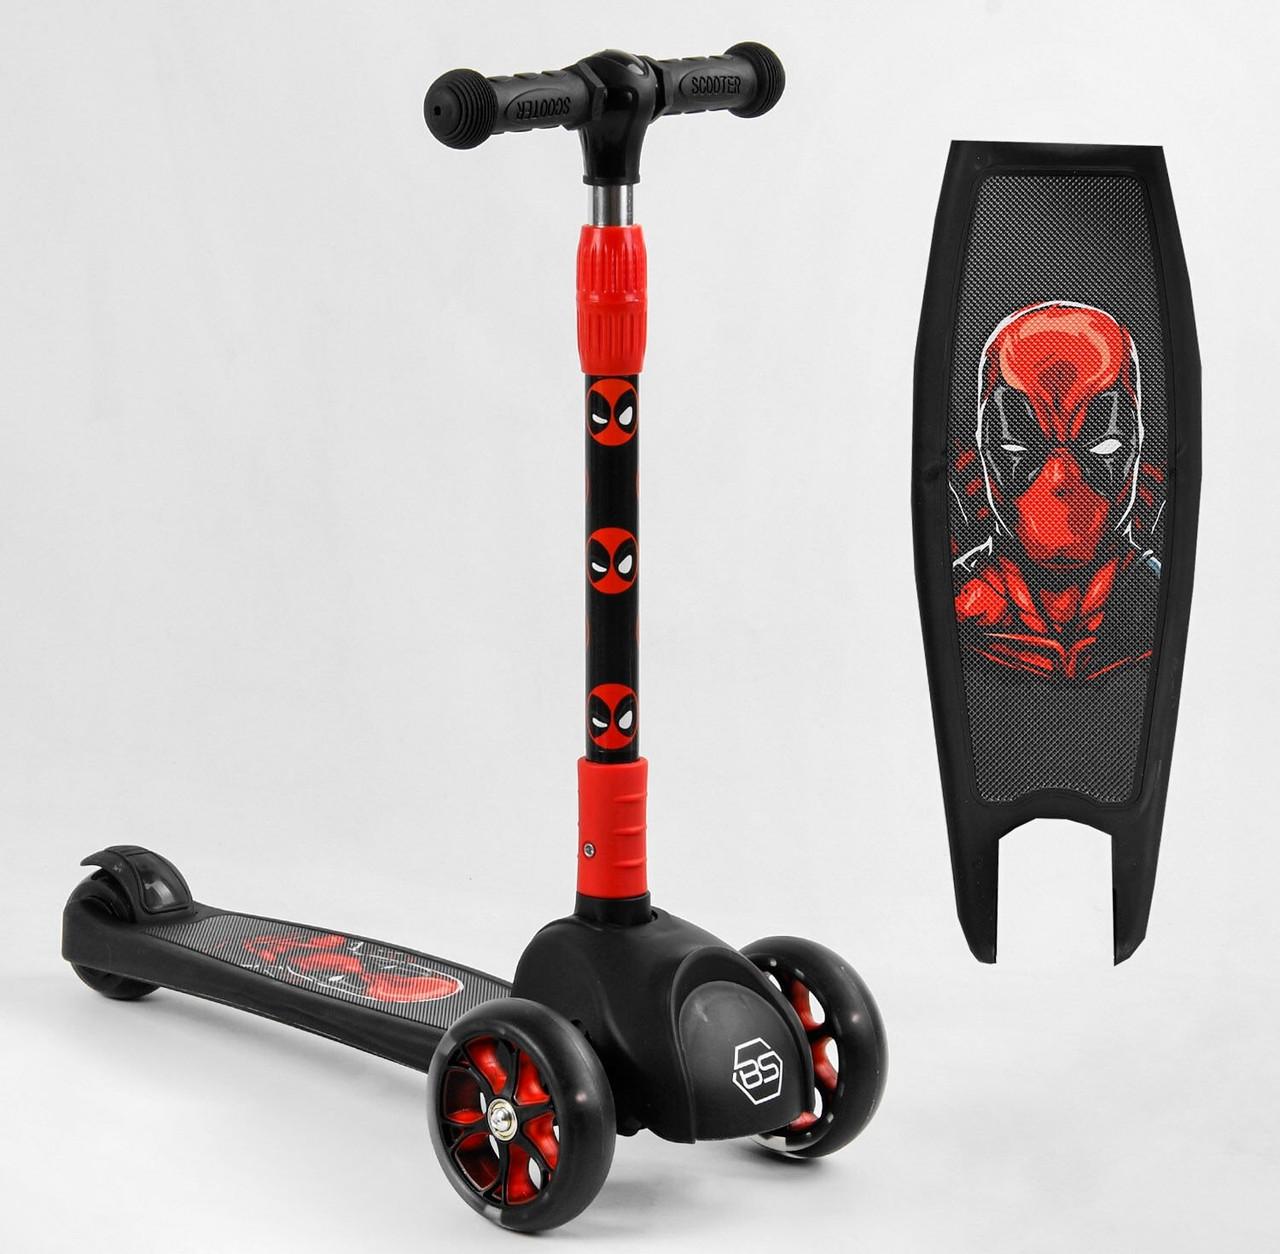 Самокат дитячий з підсвічуванням коліс і дисків, легке управління, складане кермо 79166 Best Scooter, колір червоний